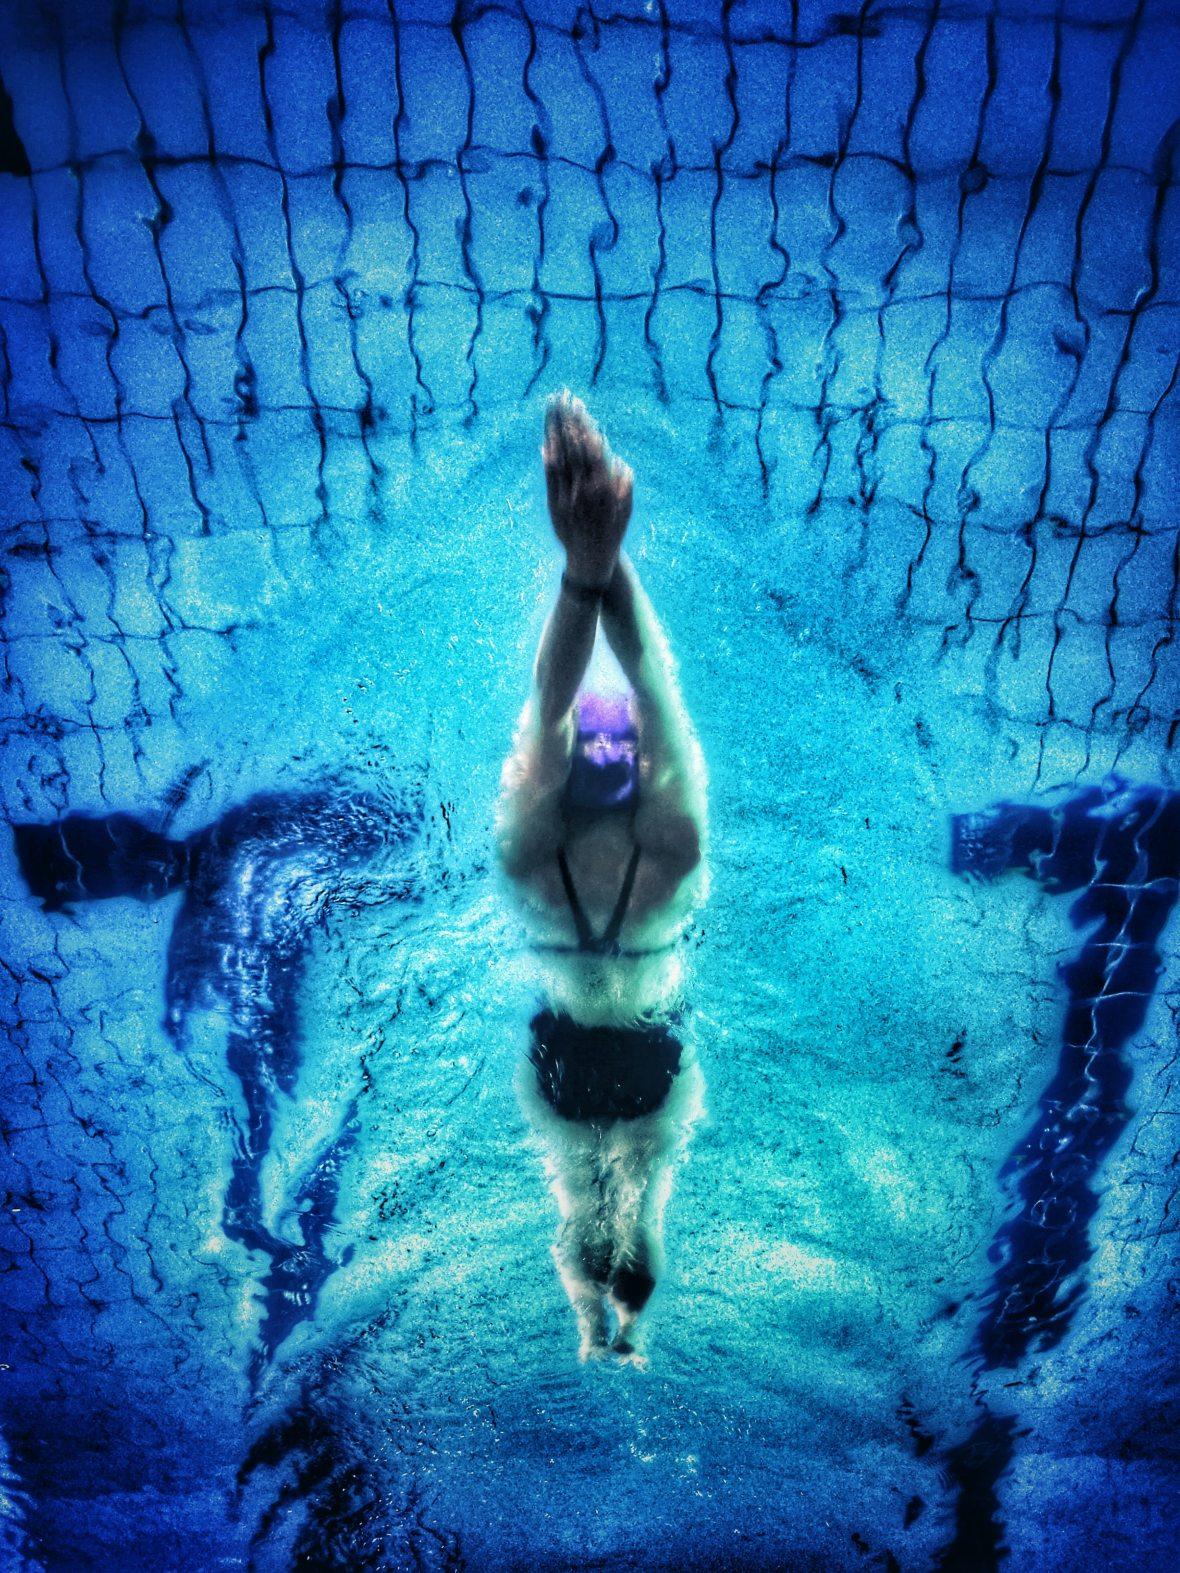 rutina de fuerza para mejorar en natacion.jpg